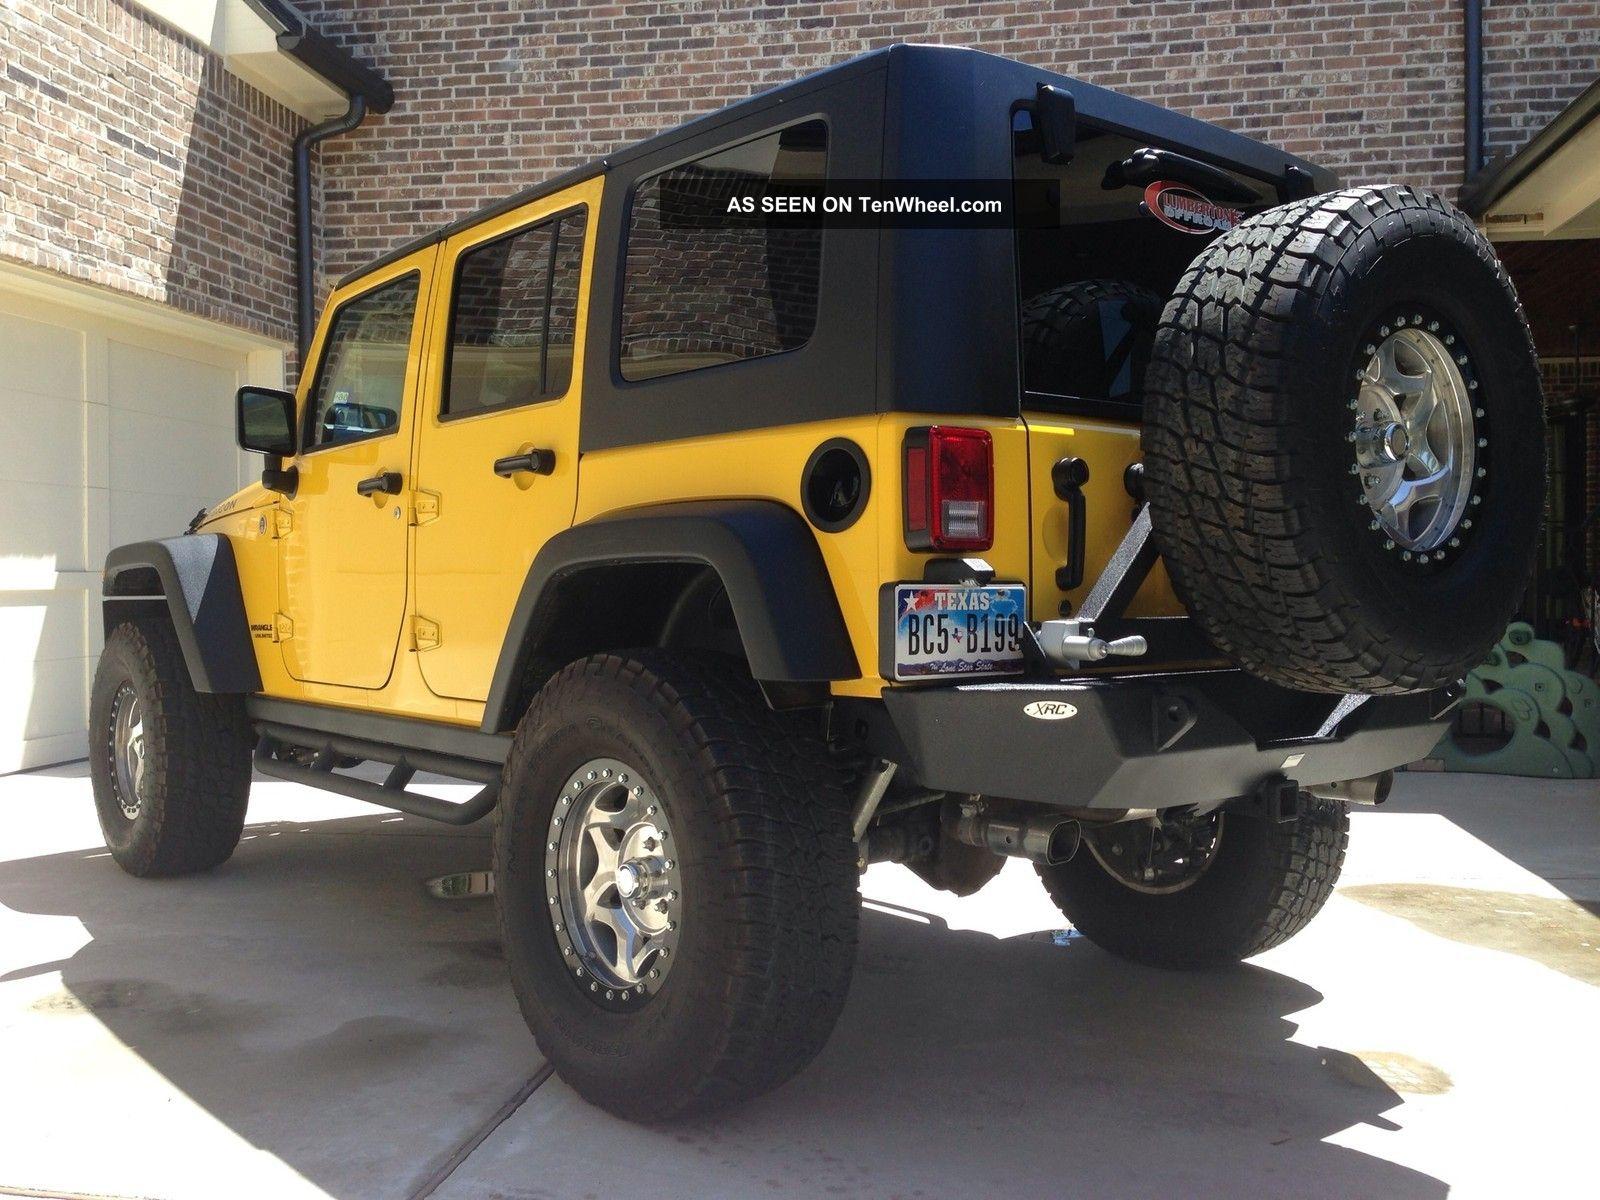 2014 Jeep Wrangler 4 Door Towing Capacity